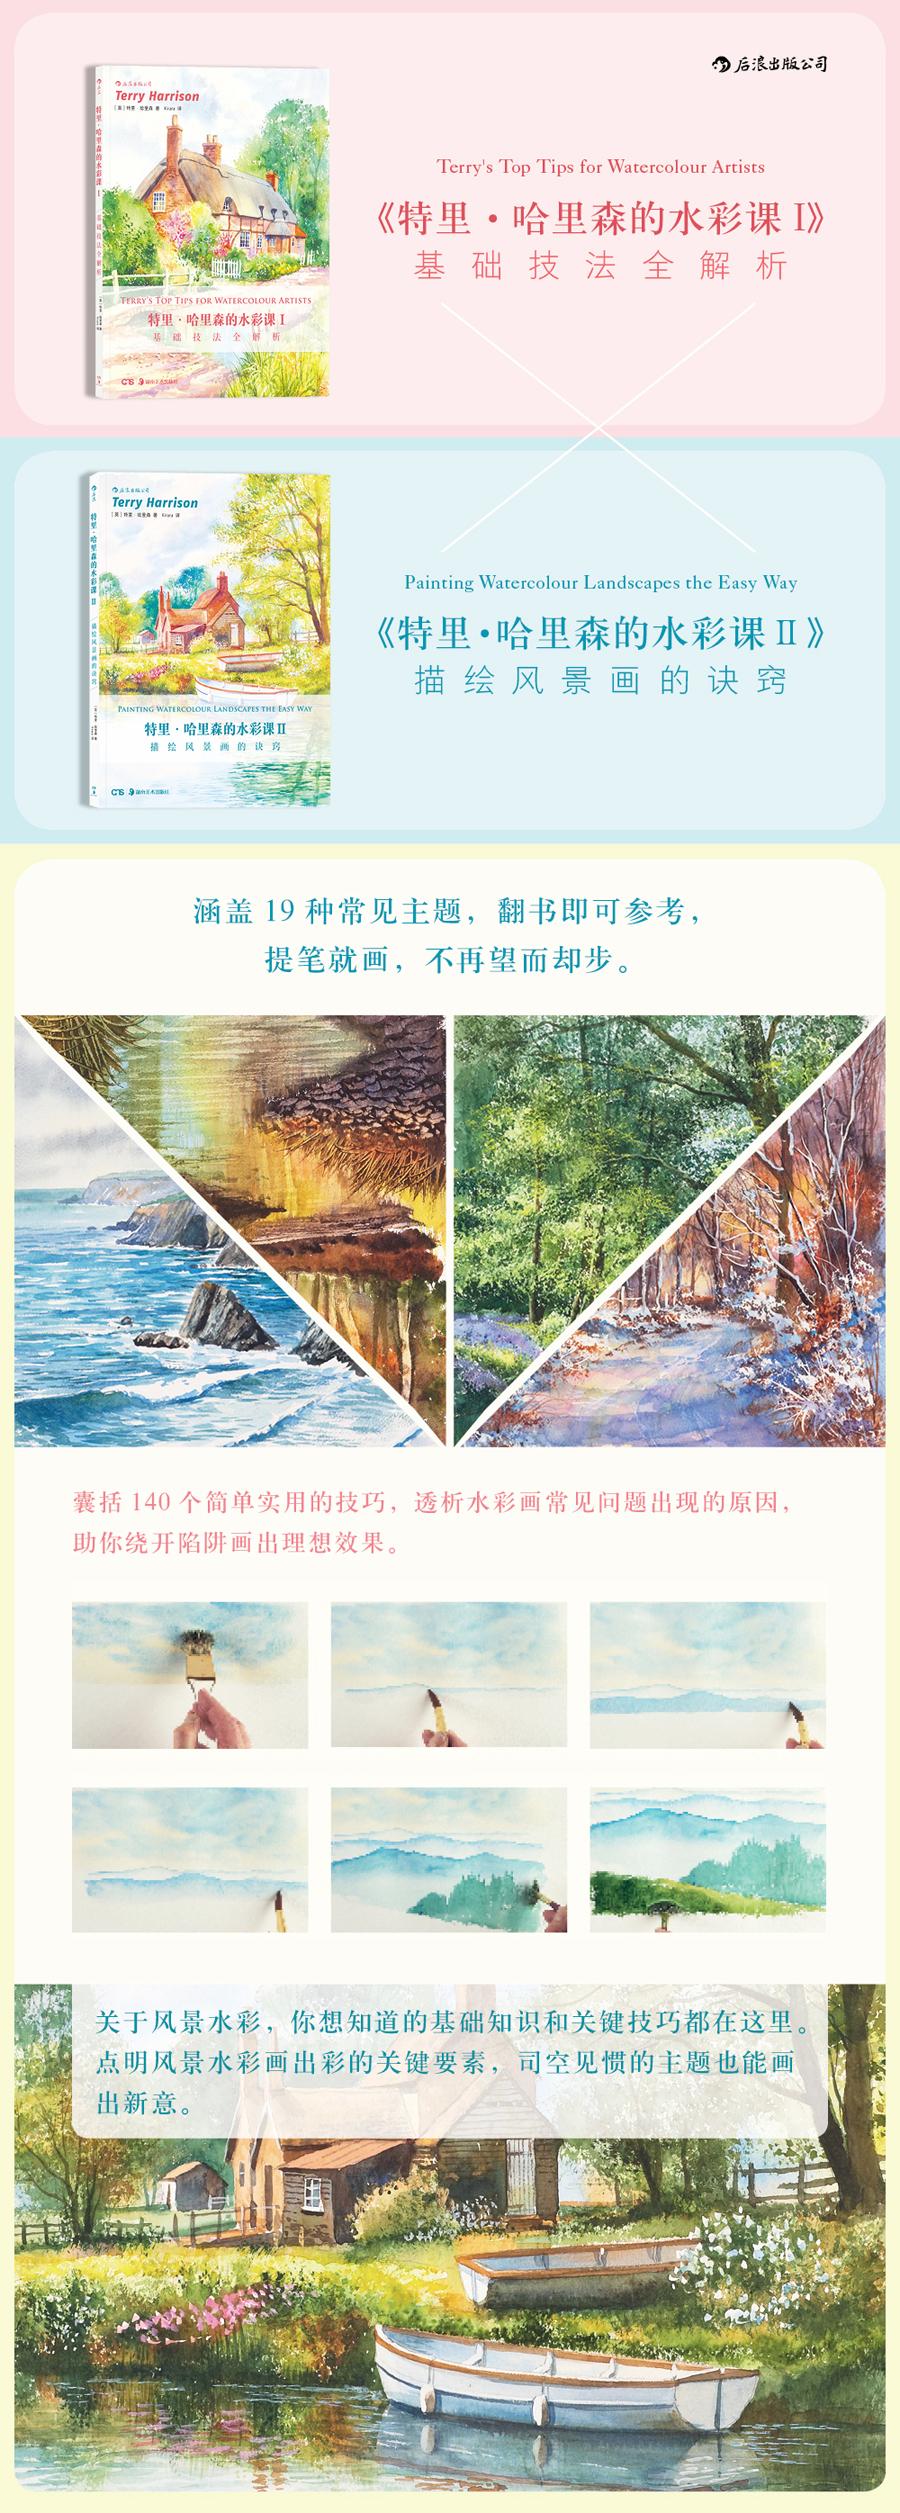 特里·哈里森的水彩课Ⅱ:描绘风景画的诀窍